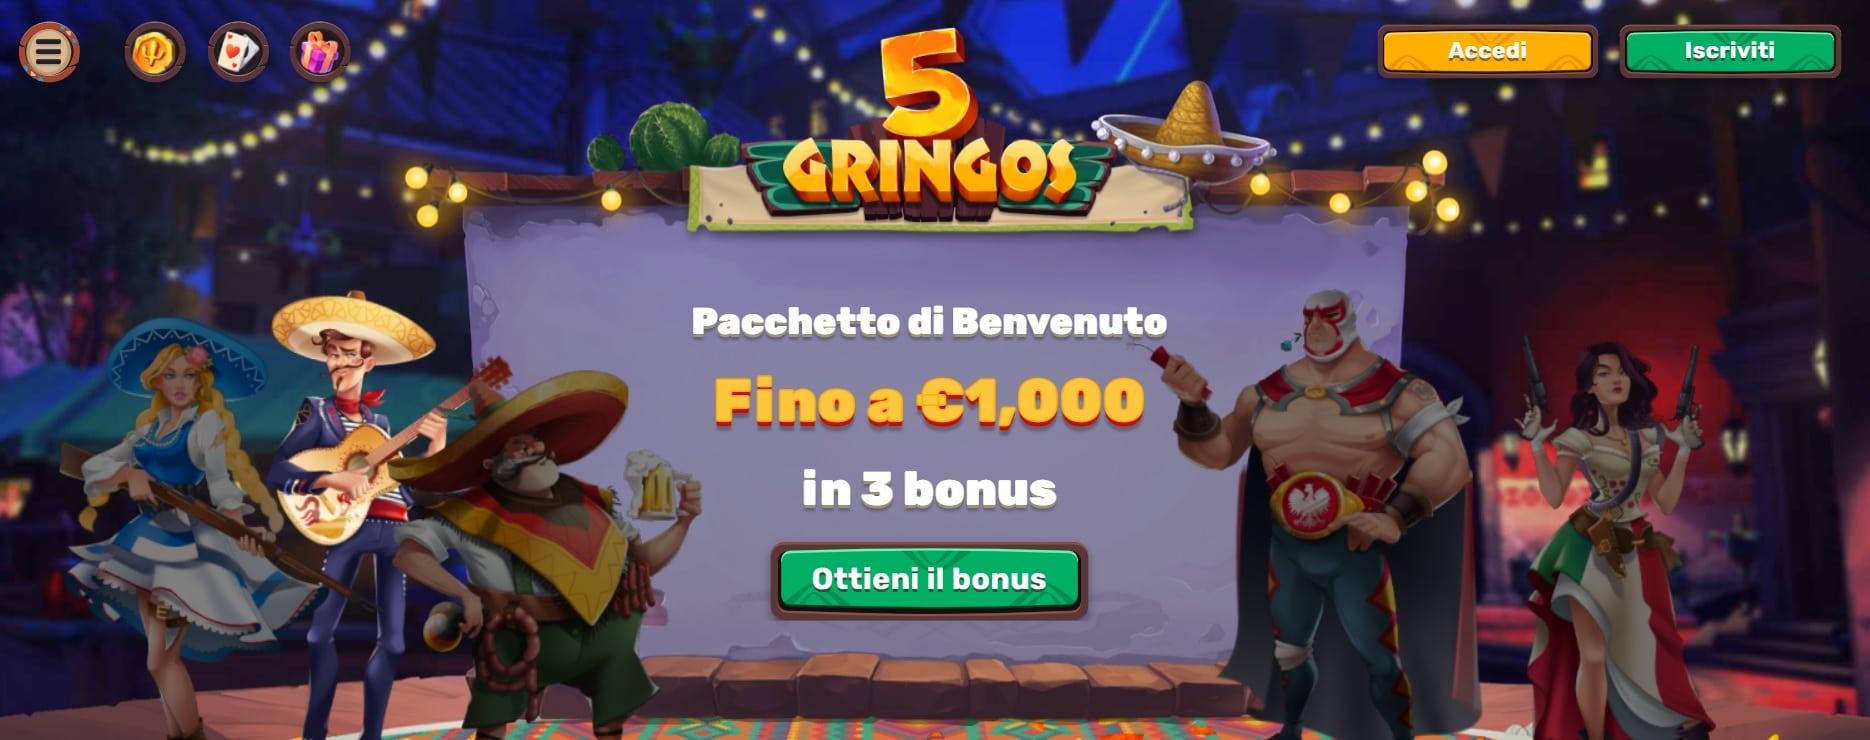 casinò online 5 gringos recensioni